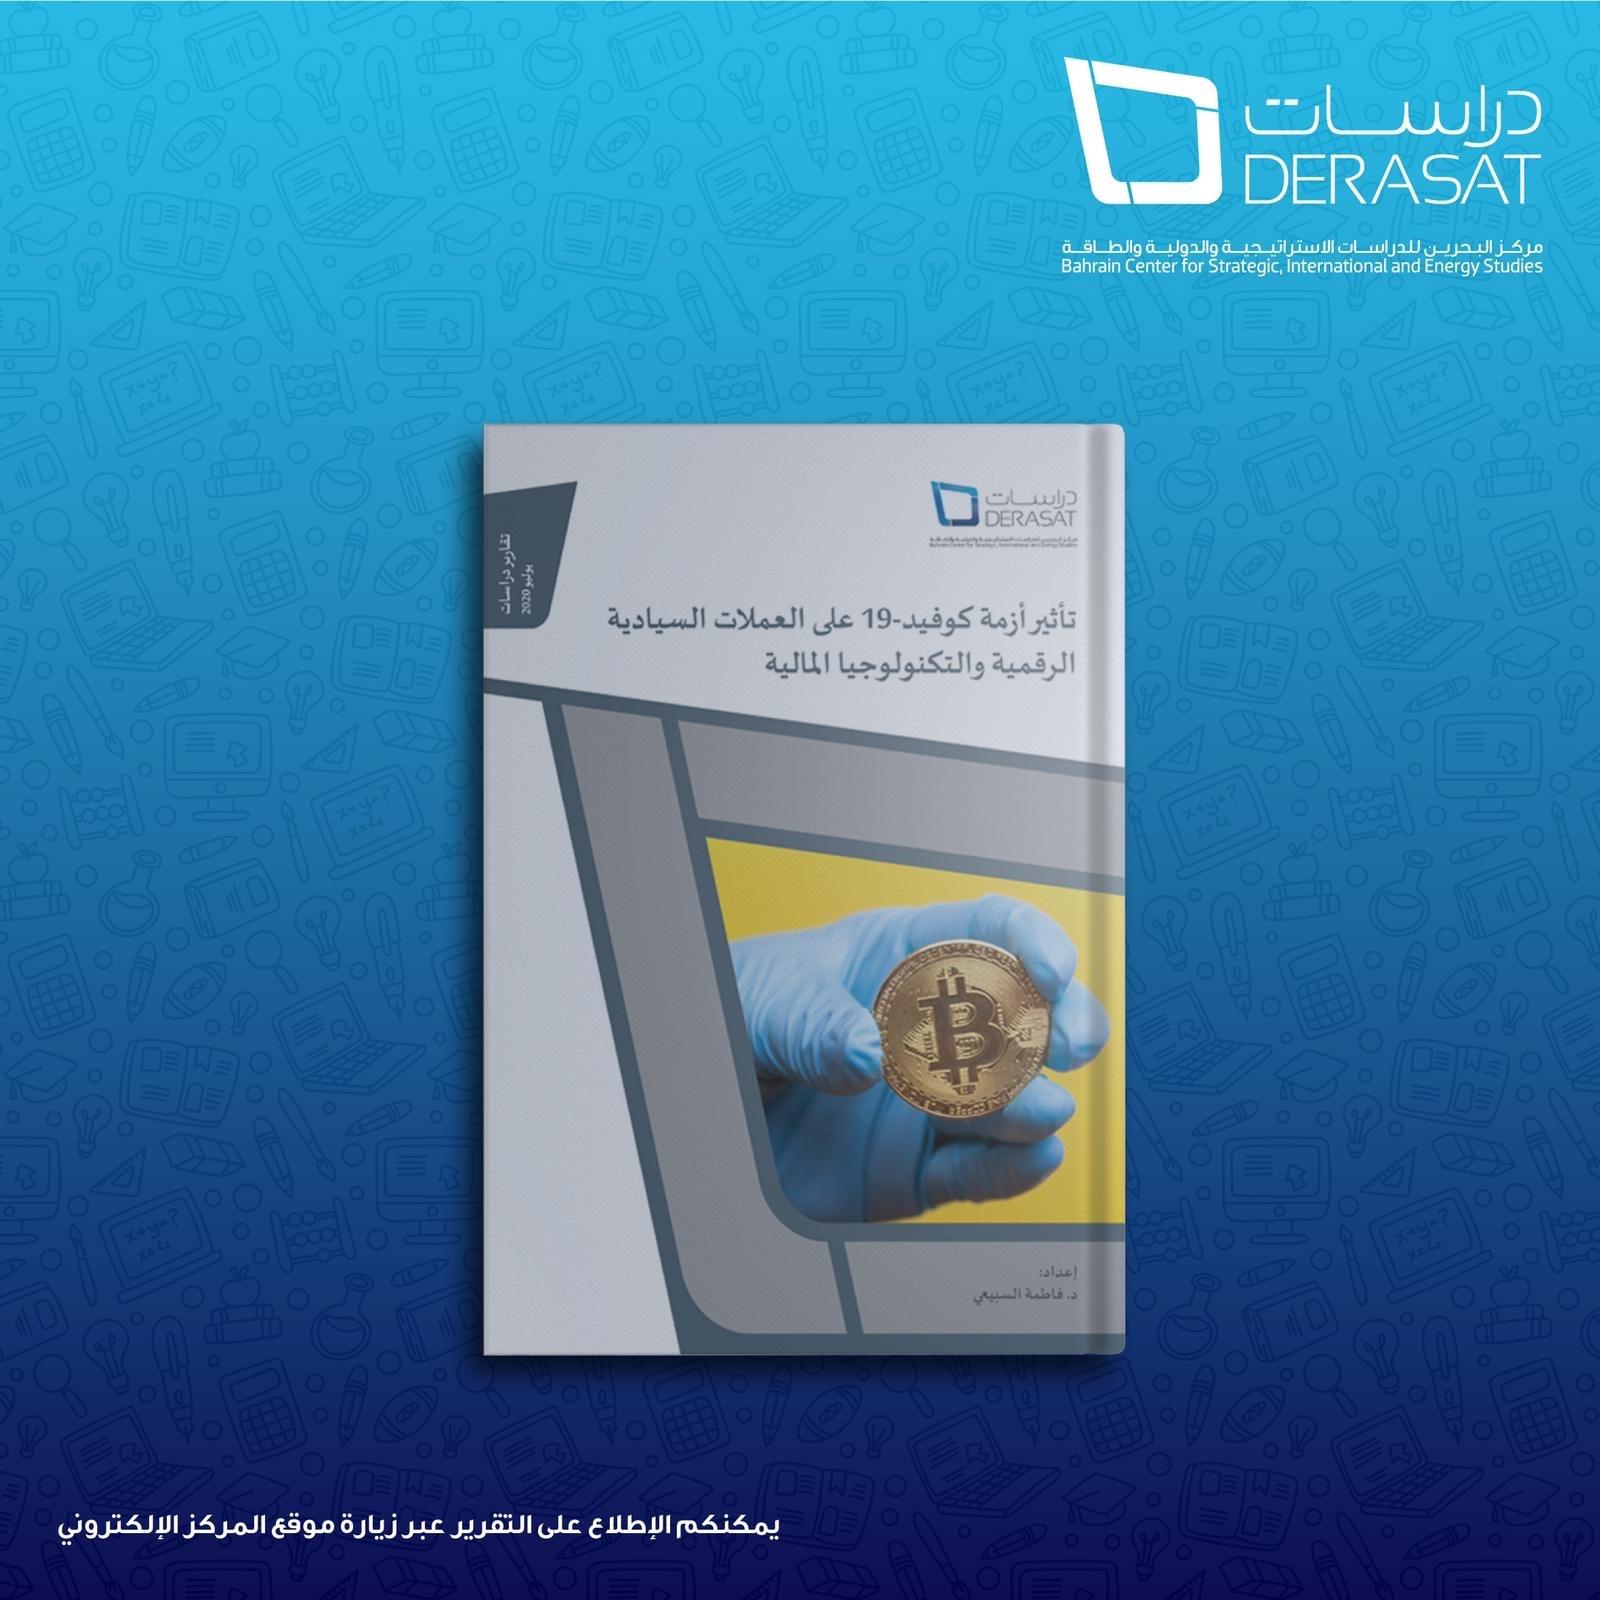 تأثير أزمة كوفيد-19 على العملات السيادية الرقمية والتكنولوجيا المالية